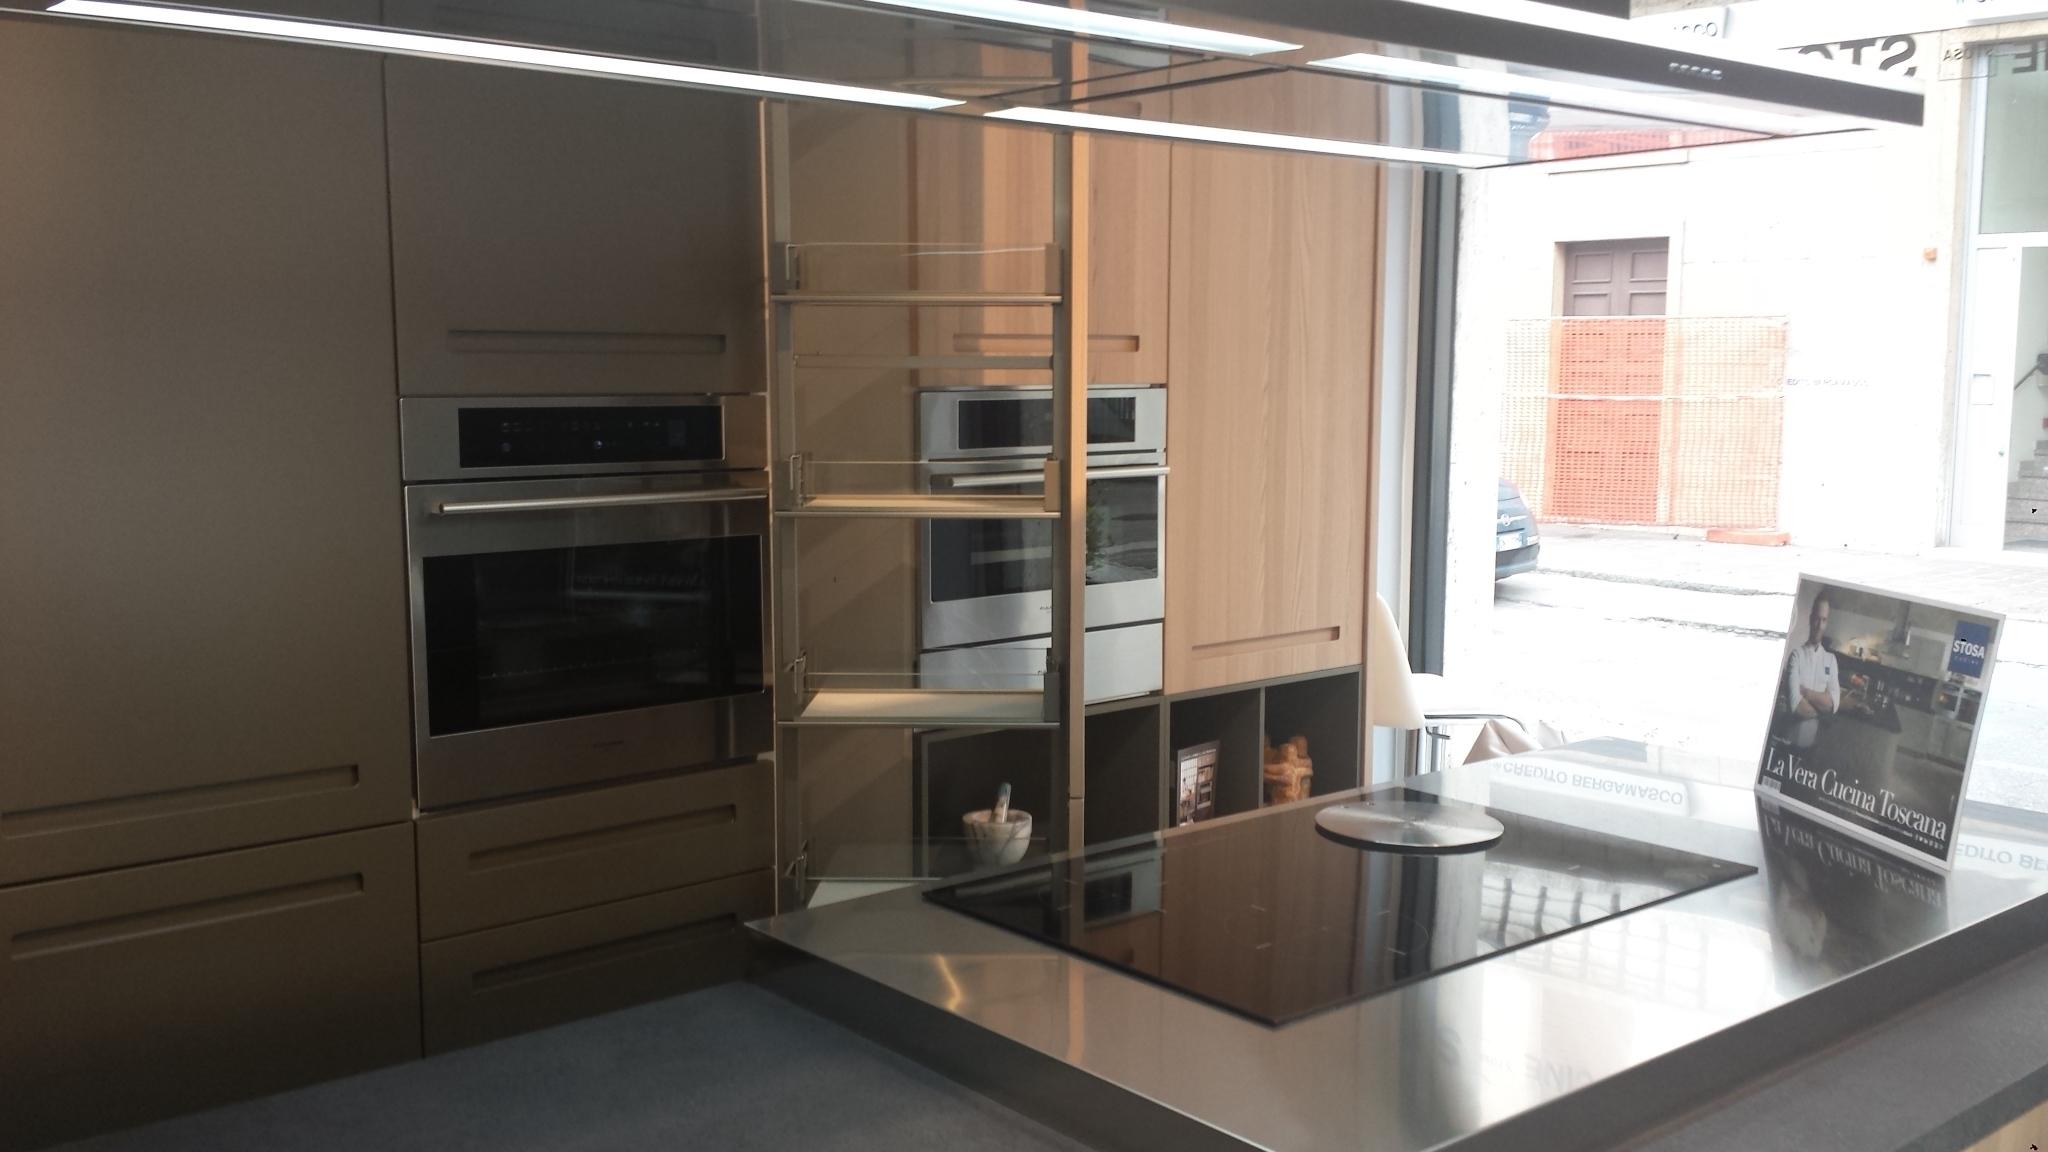 Cucina Stosa Cucine Mood esposizione - Cucine a prezzi scontati